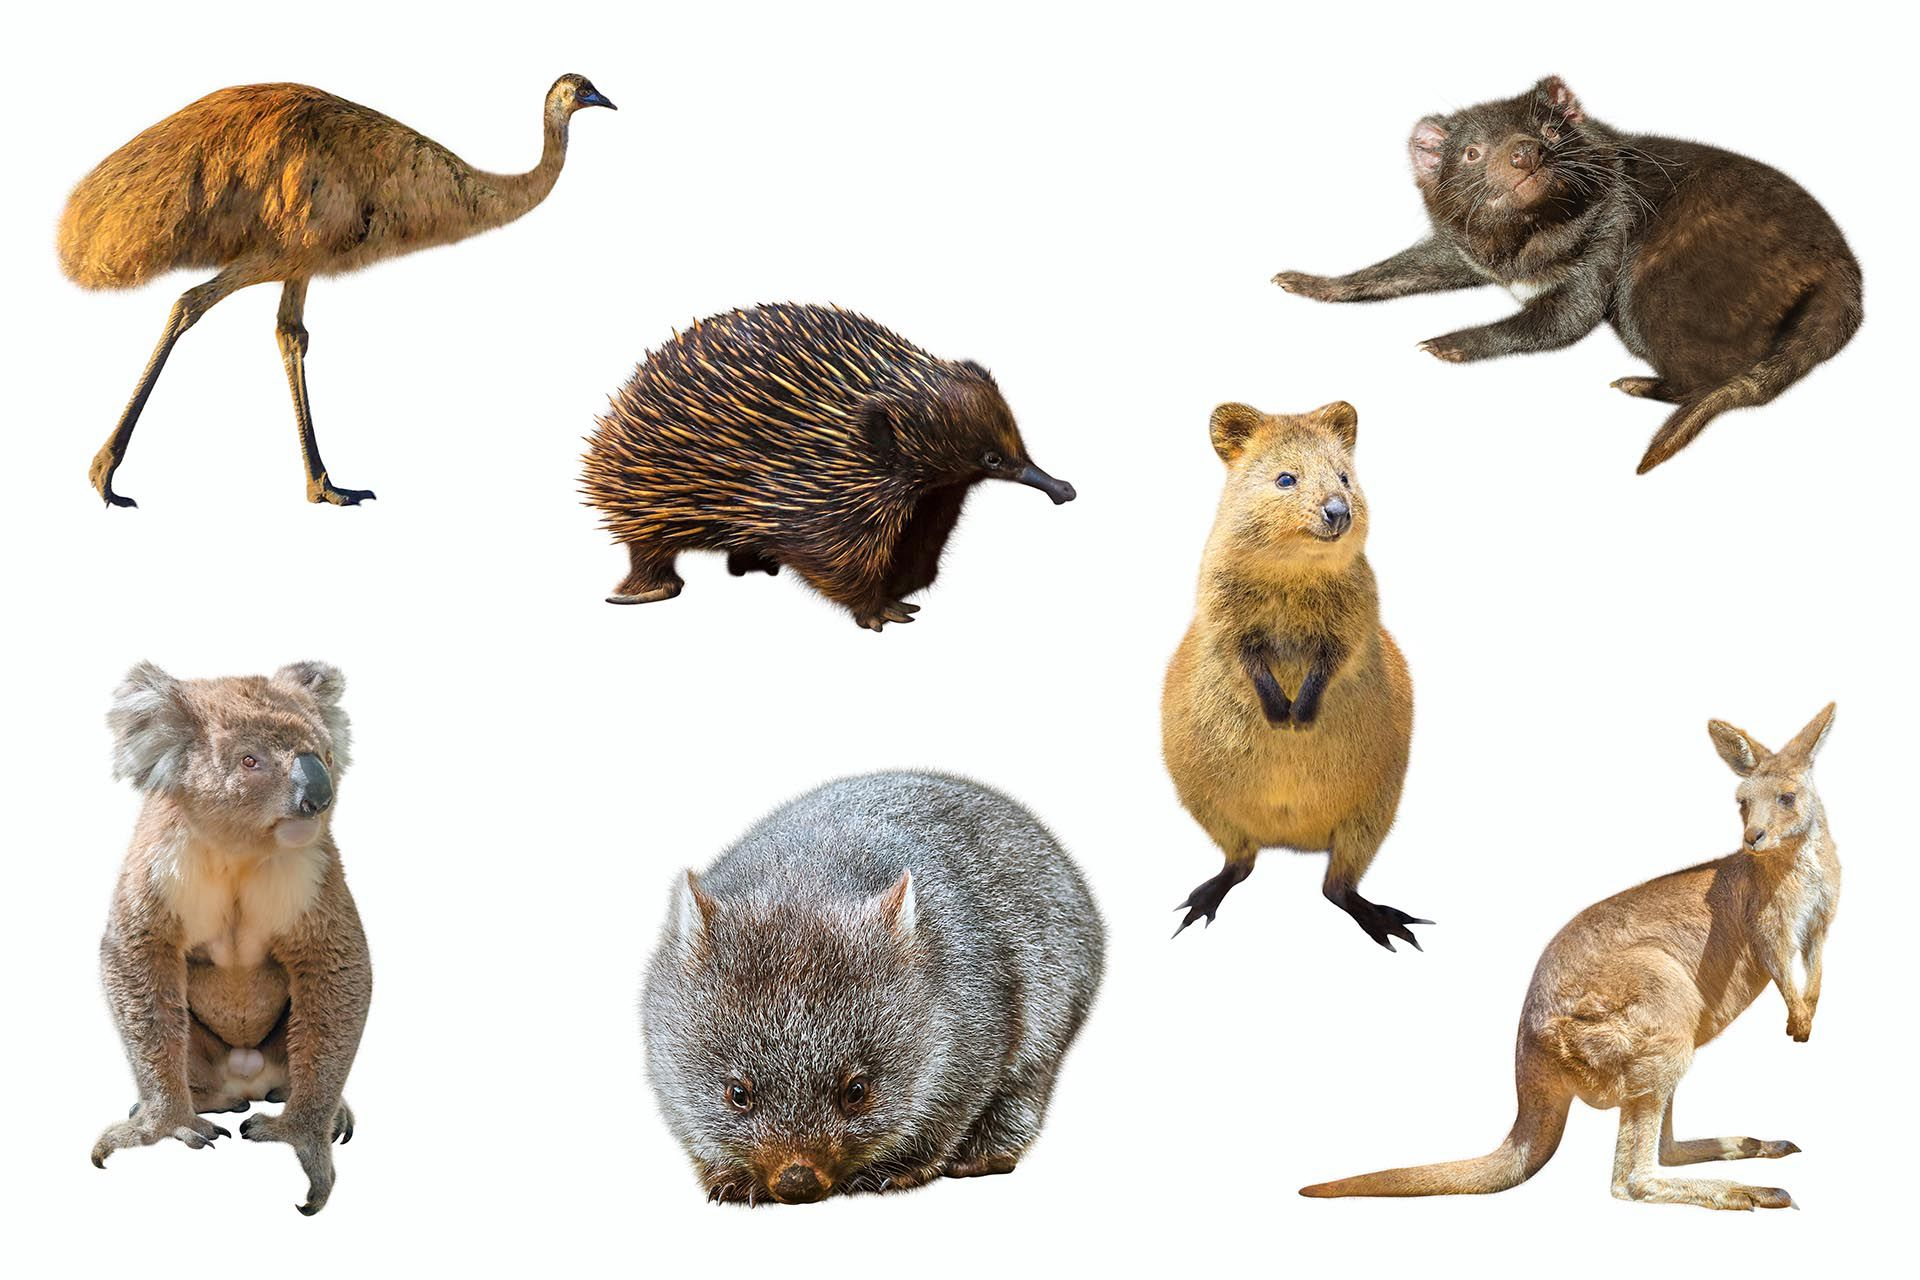 En Australia existen además de los canguros y los koalas especies marsupiales menos conocidas son exclusivas de este continente, como los wombats, el demonio de tasmania, y el quokka o canguro enano, conocido popularmente como el animal más feliz del mundo por su expresión facial similar a una sonrisa (Shutterstock)